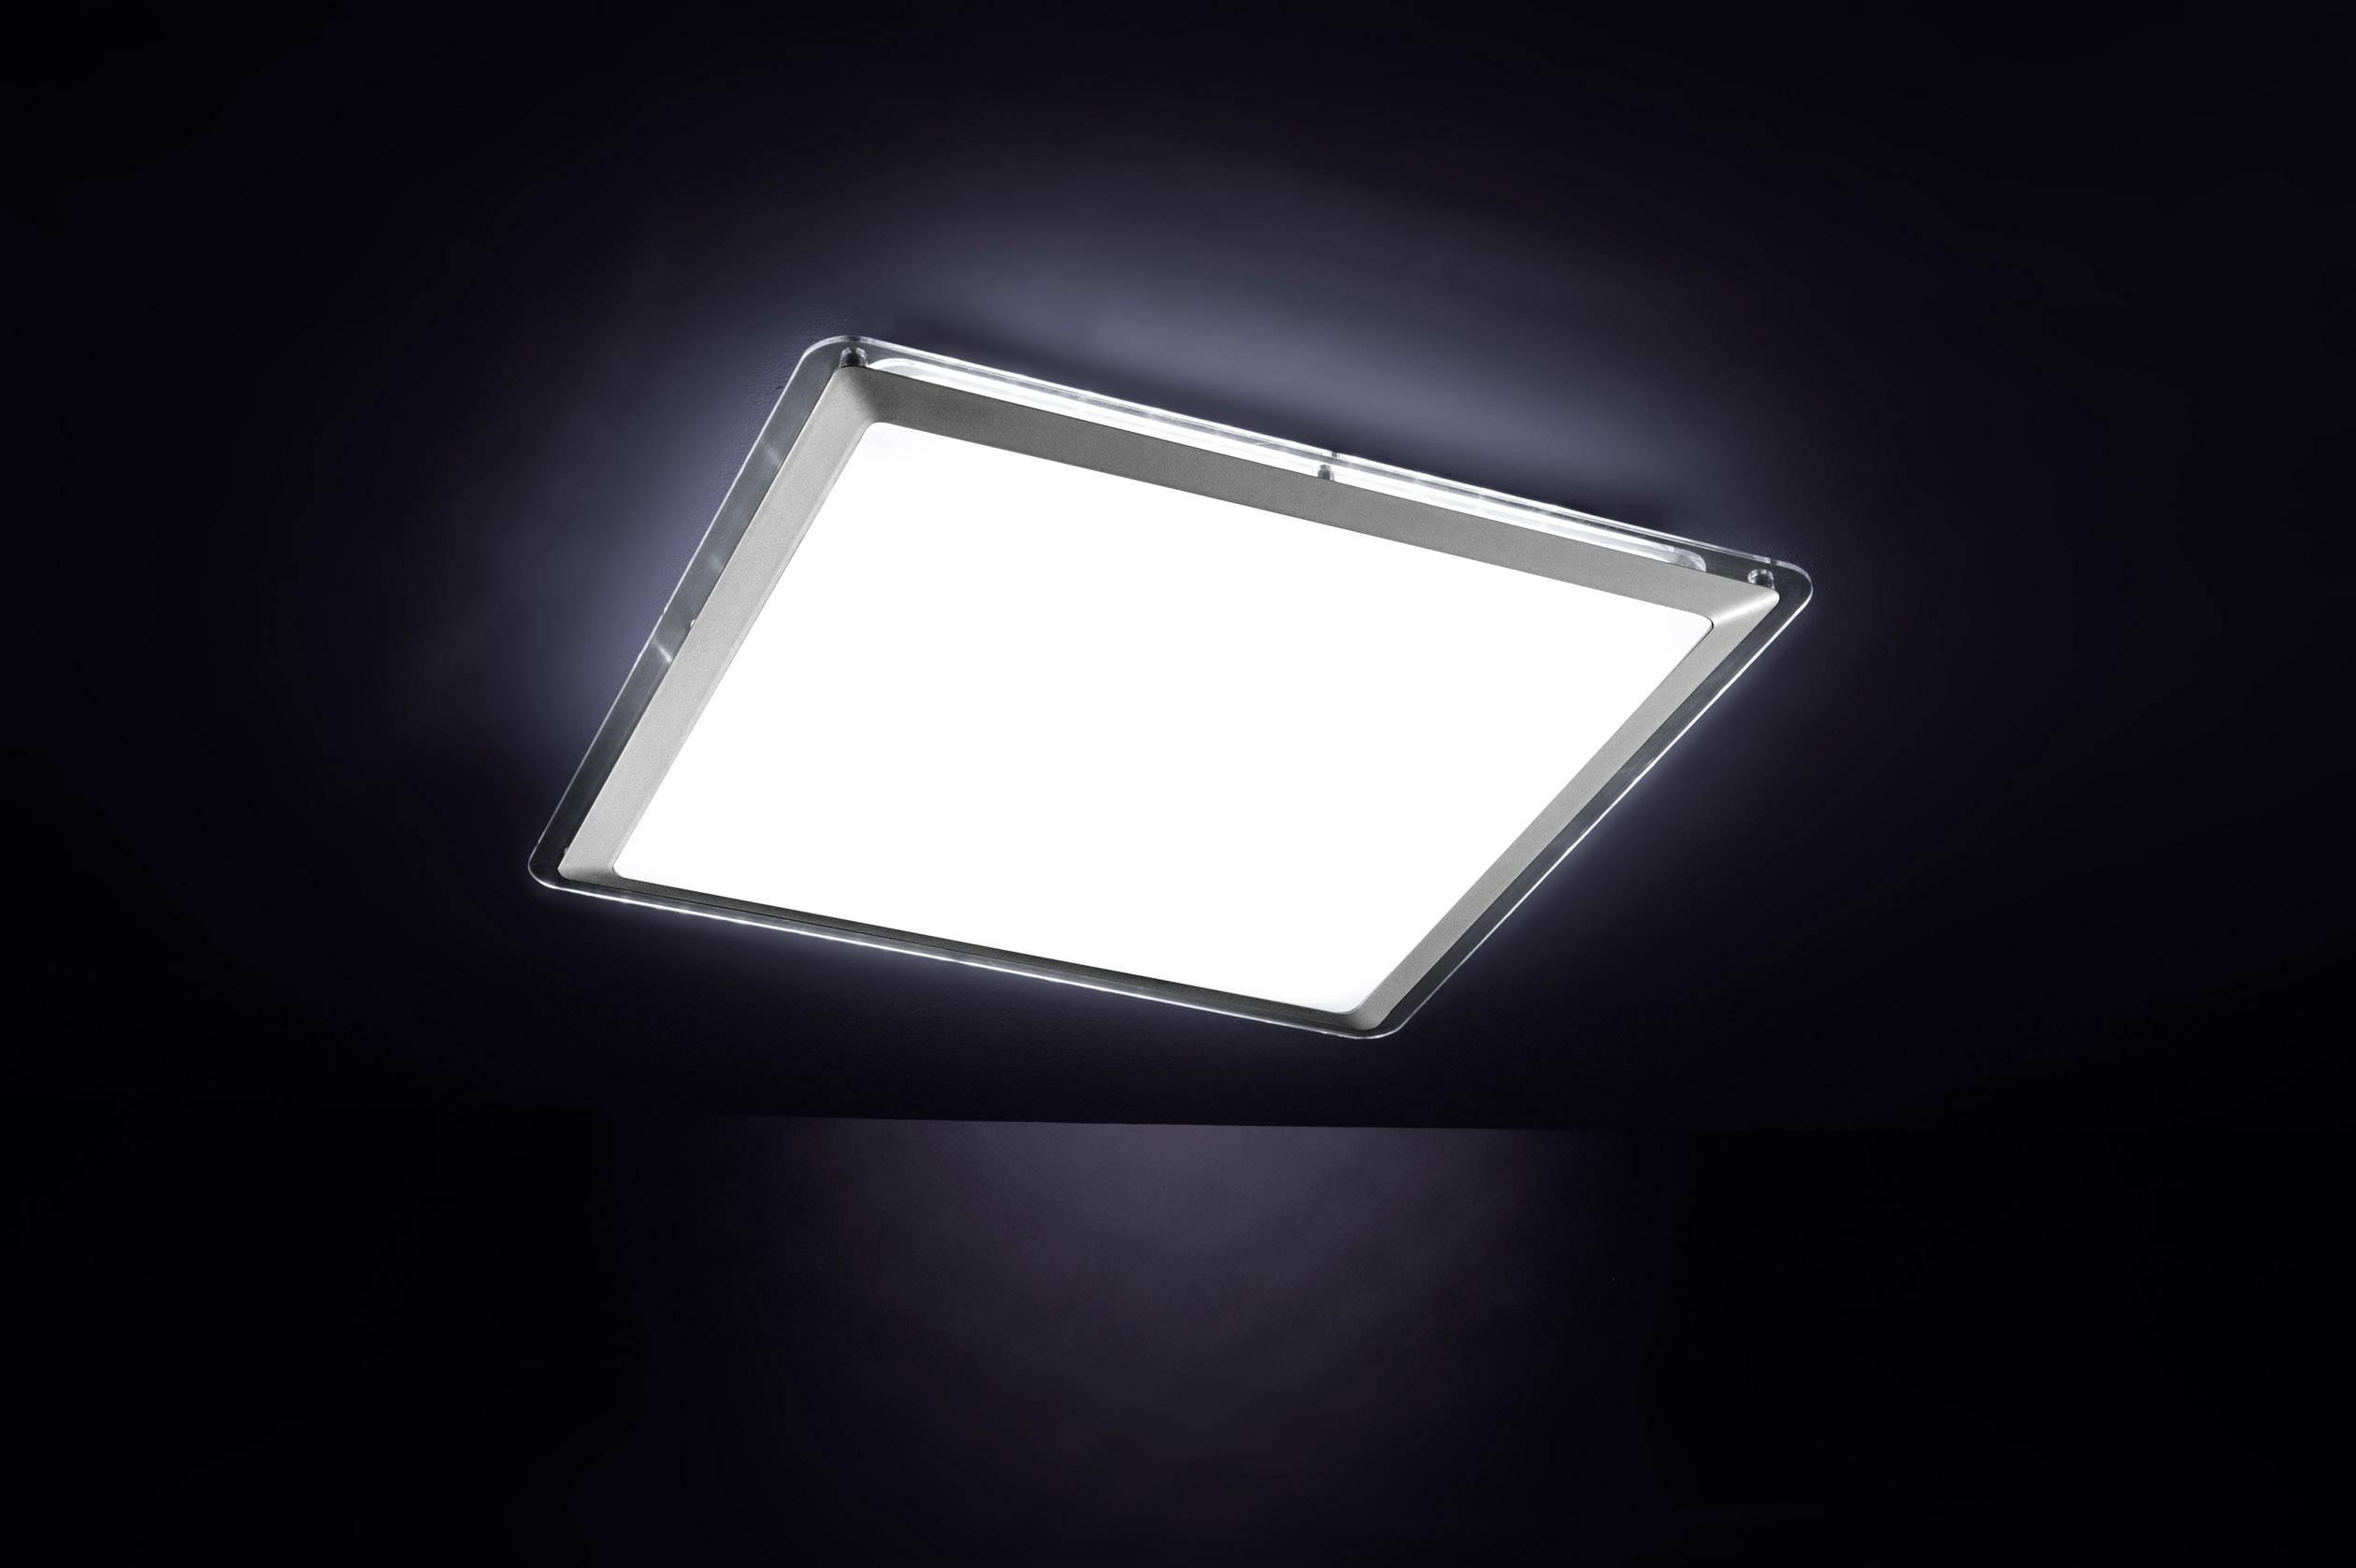 Badkamer Plafondlamp Led : Led bad deckenleuchte w warm weiß leuchtendirekt labol